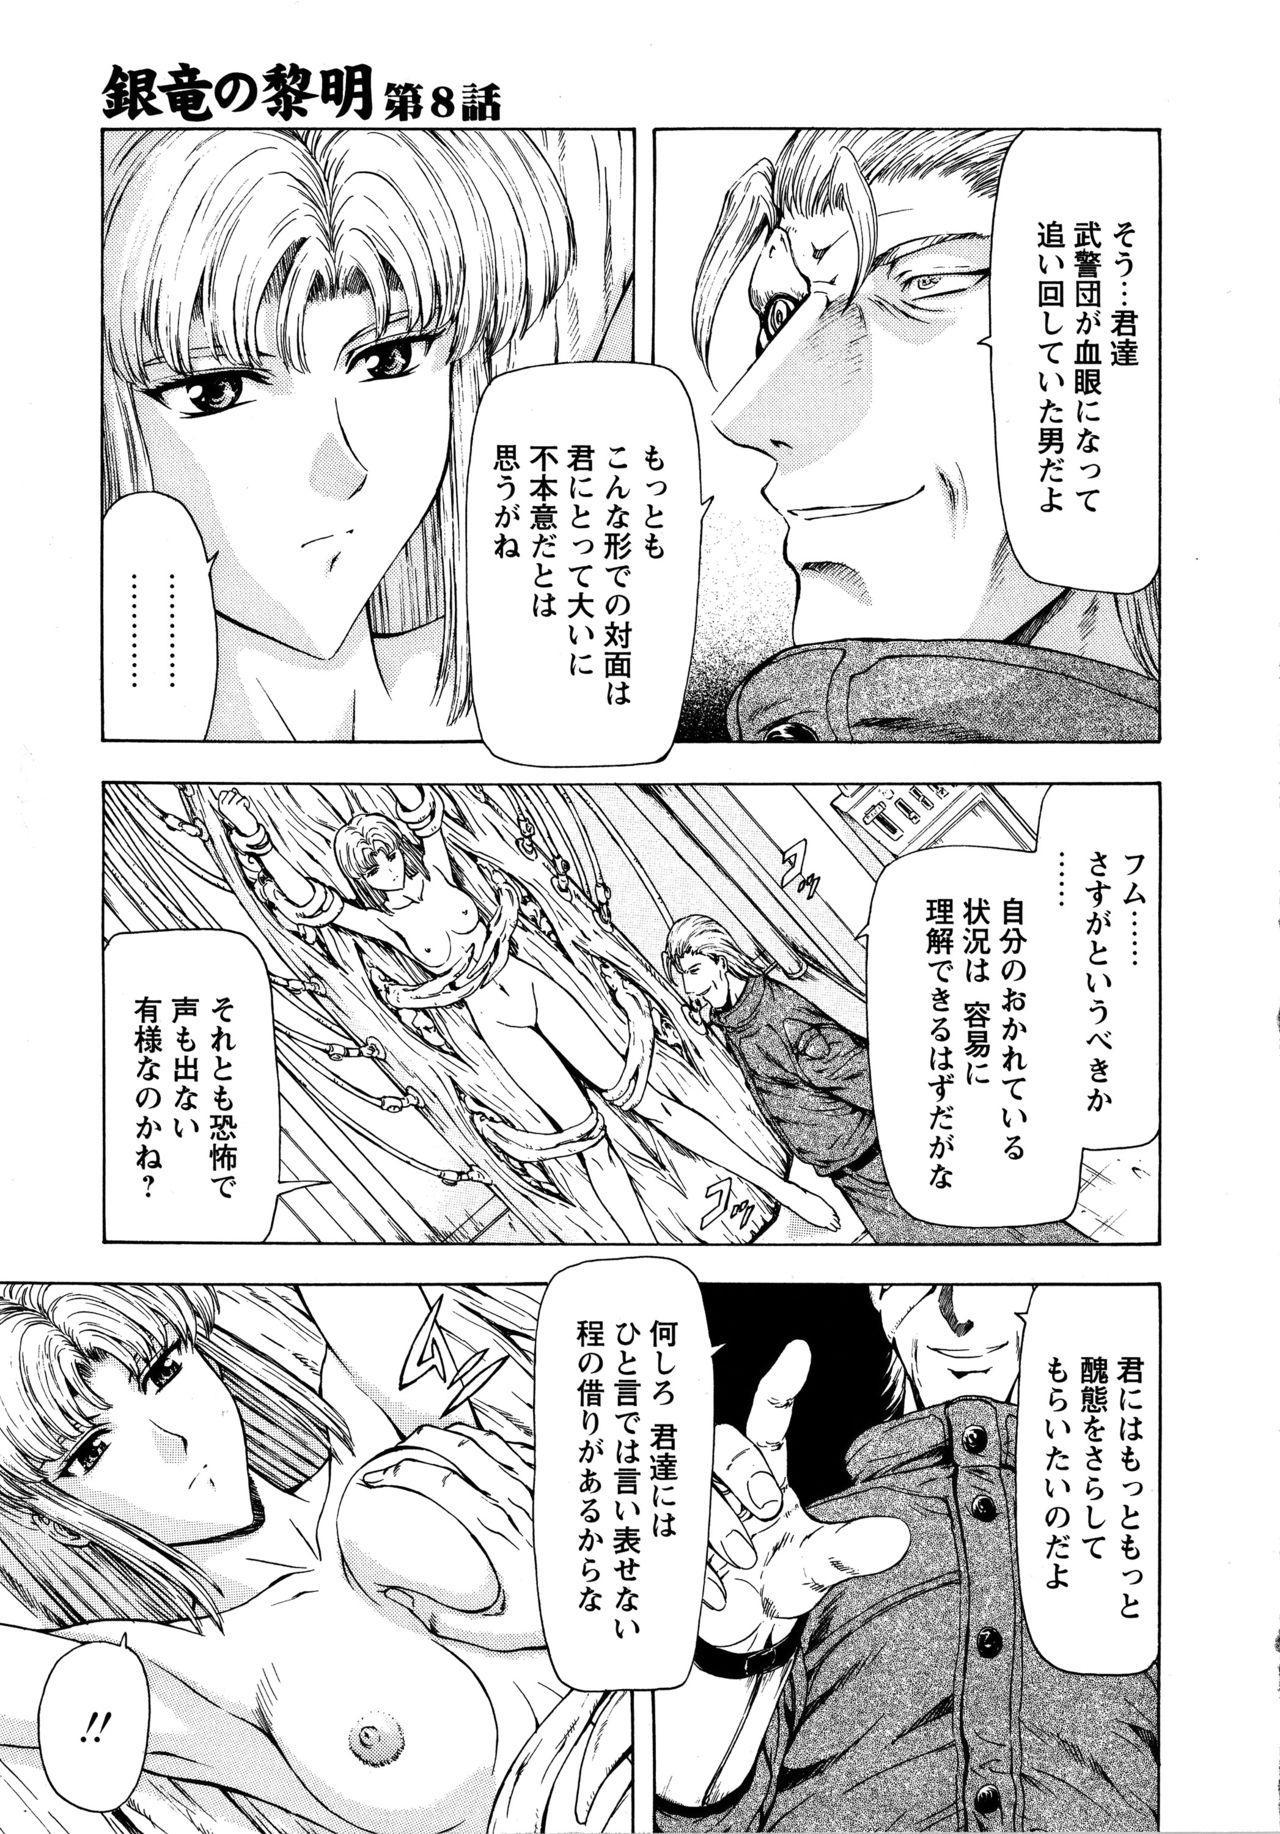 Ginryuu no Reimei Vol. 1 160